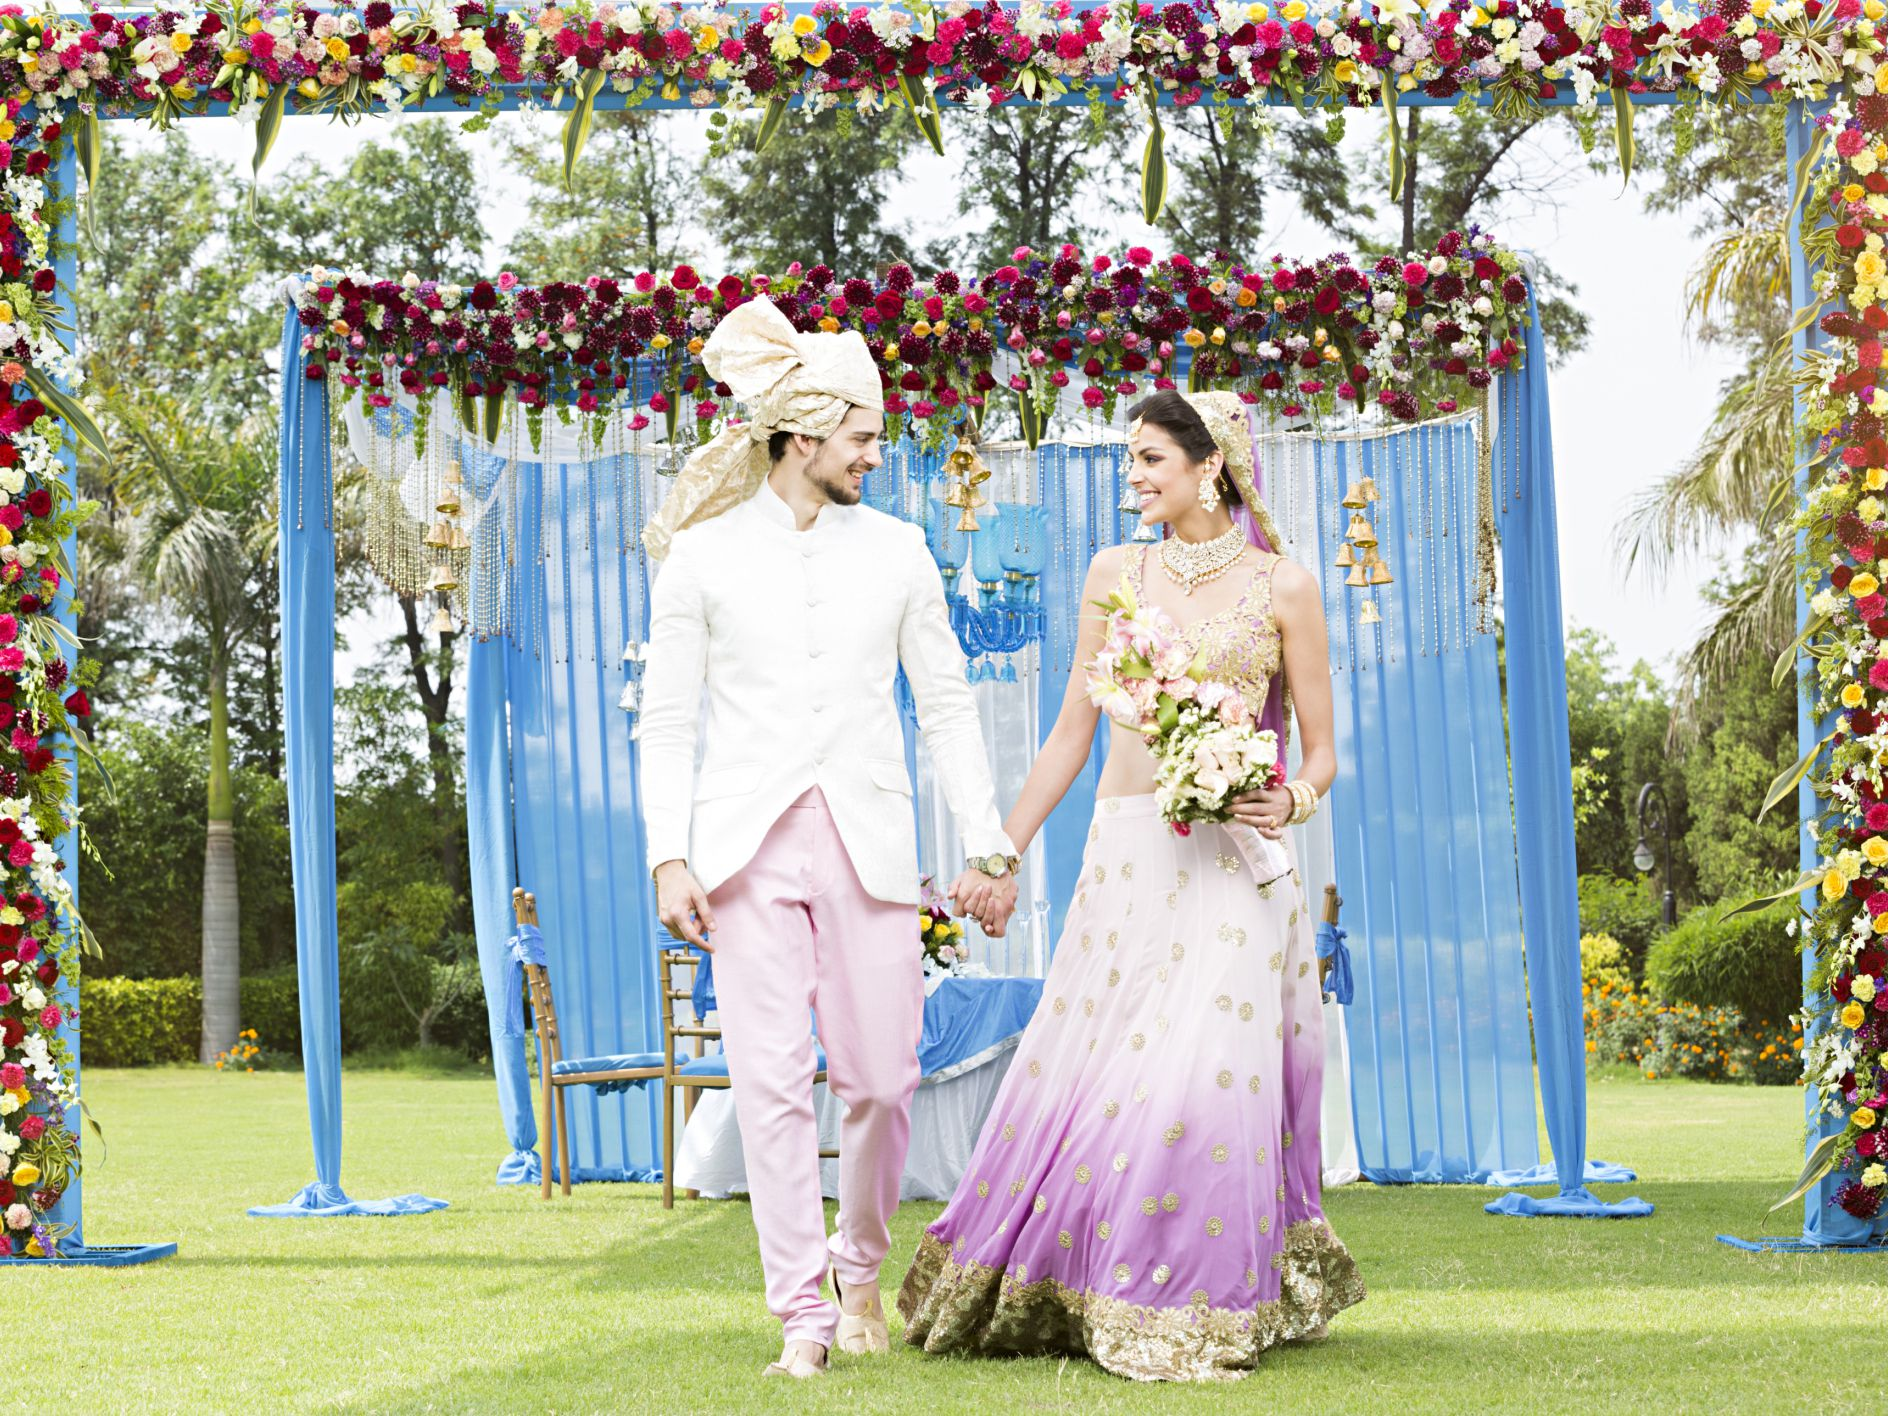 Punjabi matrimony uk  Punjabi Matrimony, Matrimonial Site